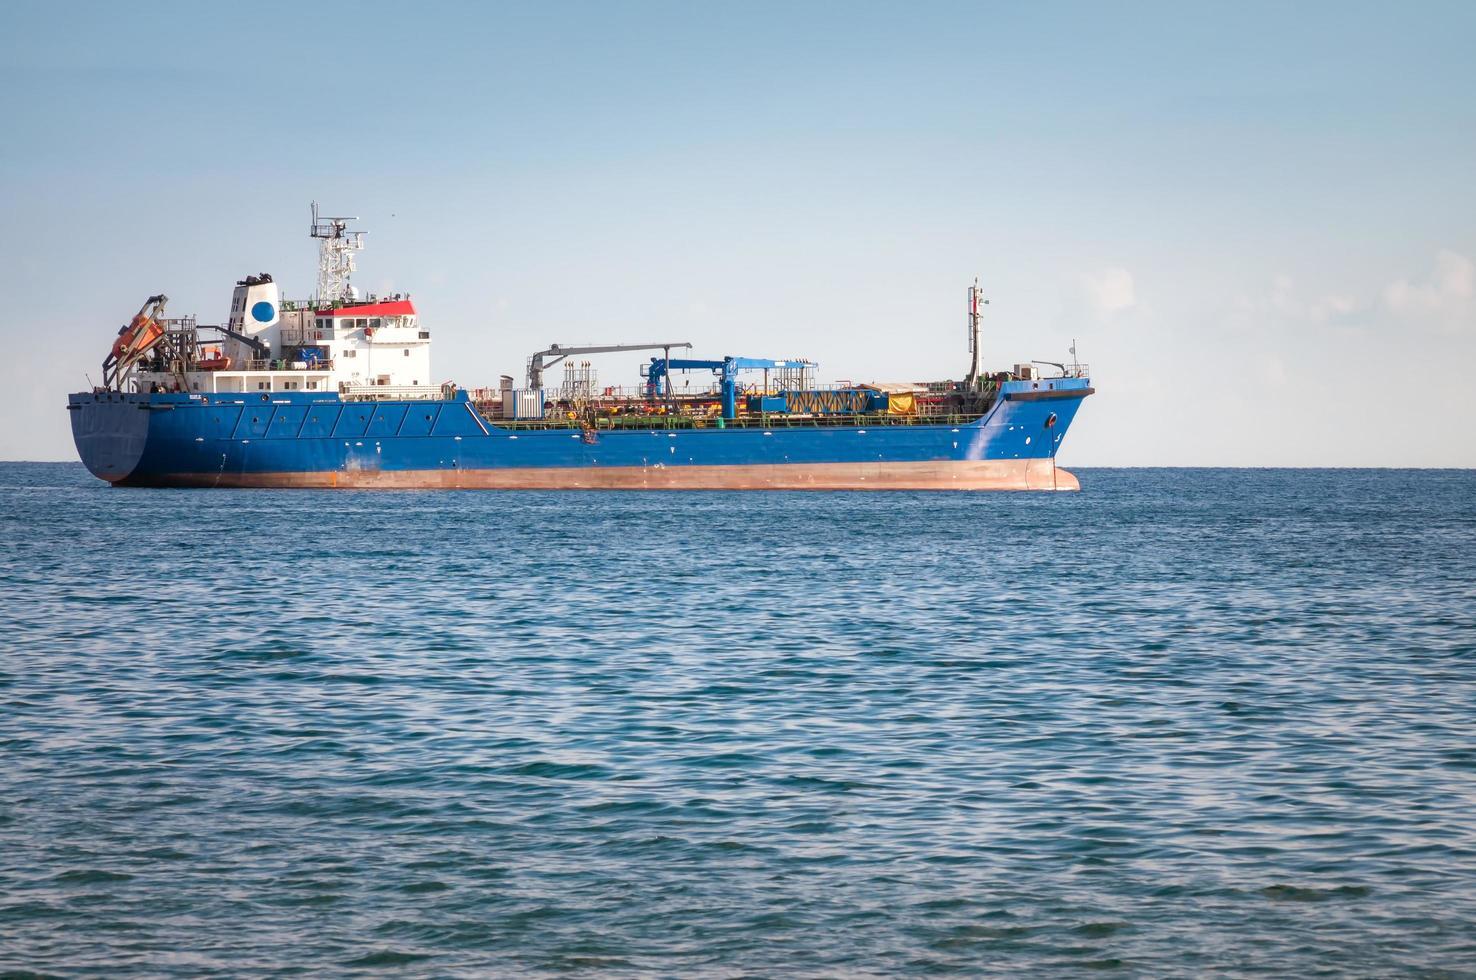 navio industrial desconhecido no mar mediterrâneo foto